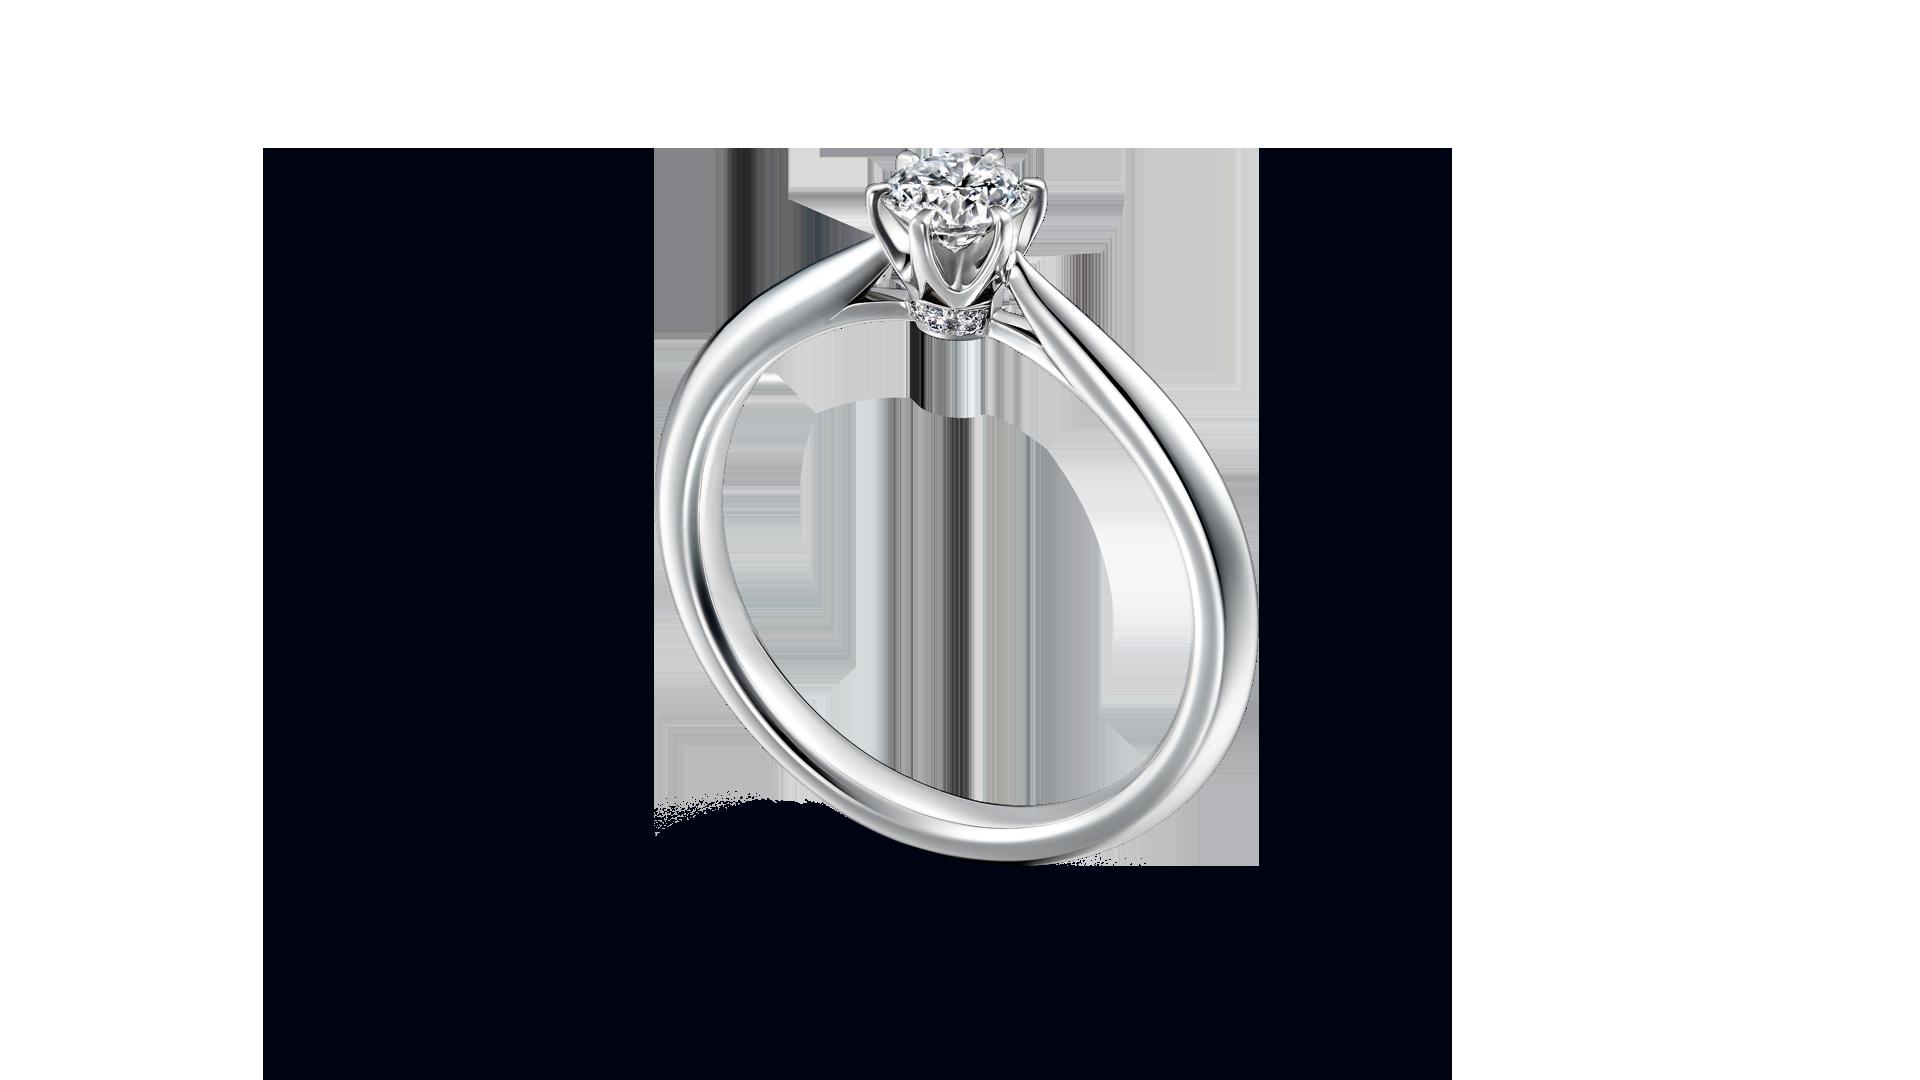 【NEW】hercules ヘラクレス≪11月2日(土)発売≫ | 婚約指輪サムネイル 3